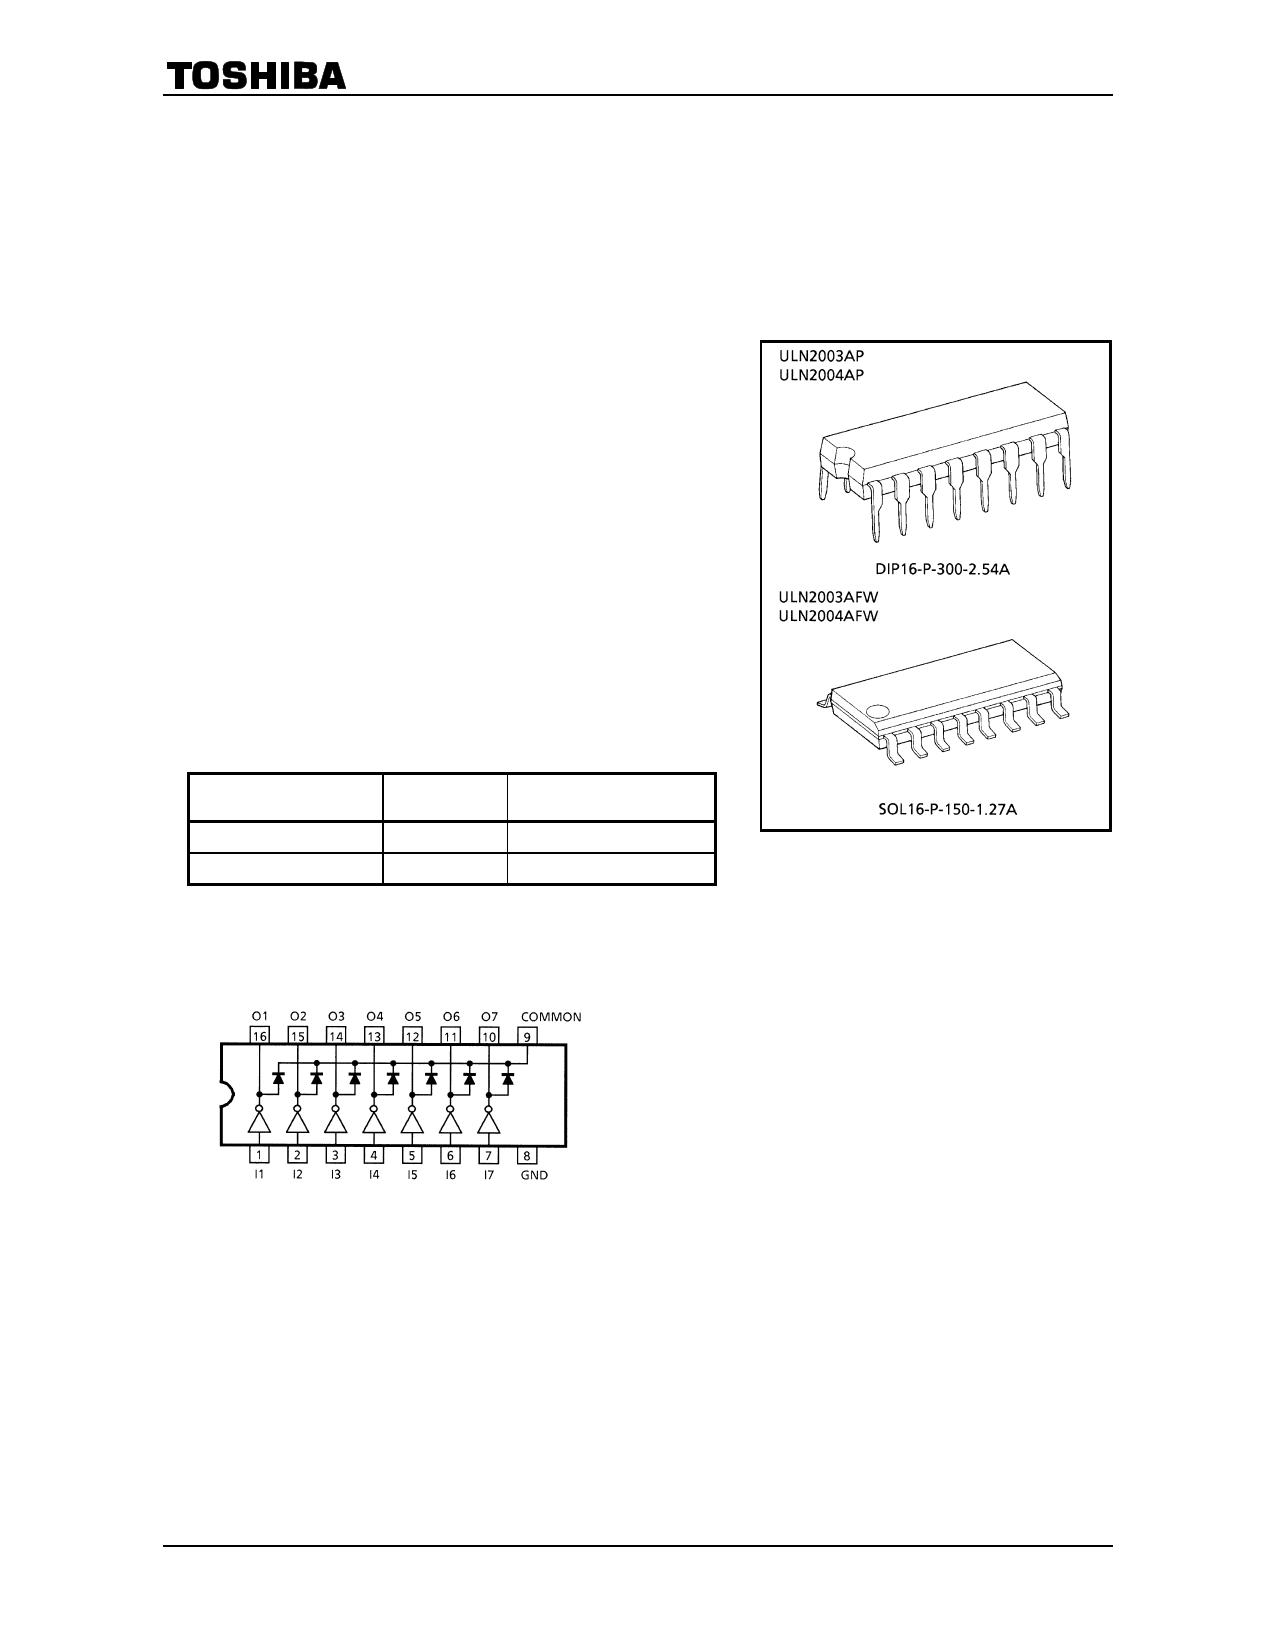 ULN2004AFW Datasheet, ULN2004AFW PDF,ピン配置, 機能